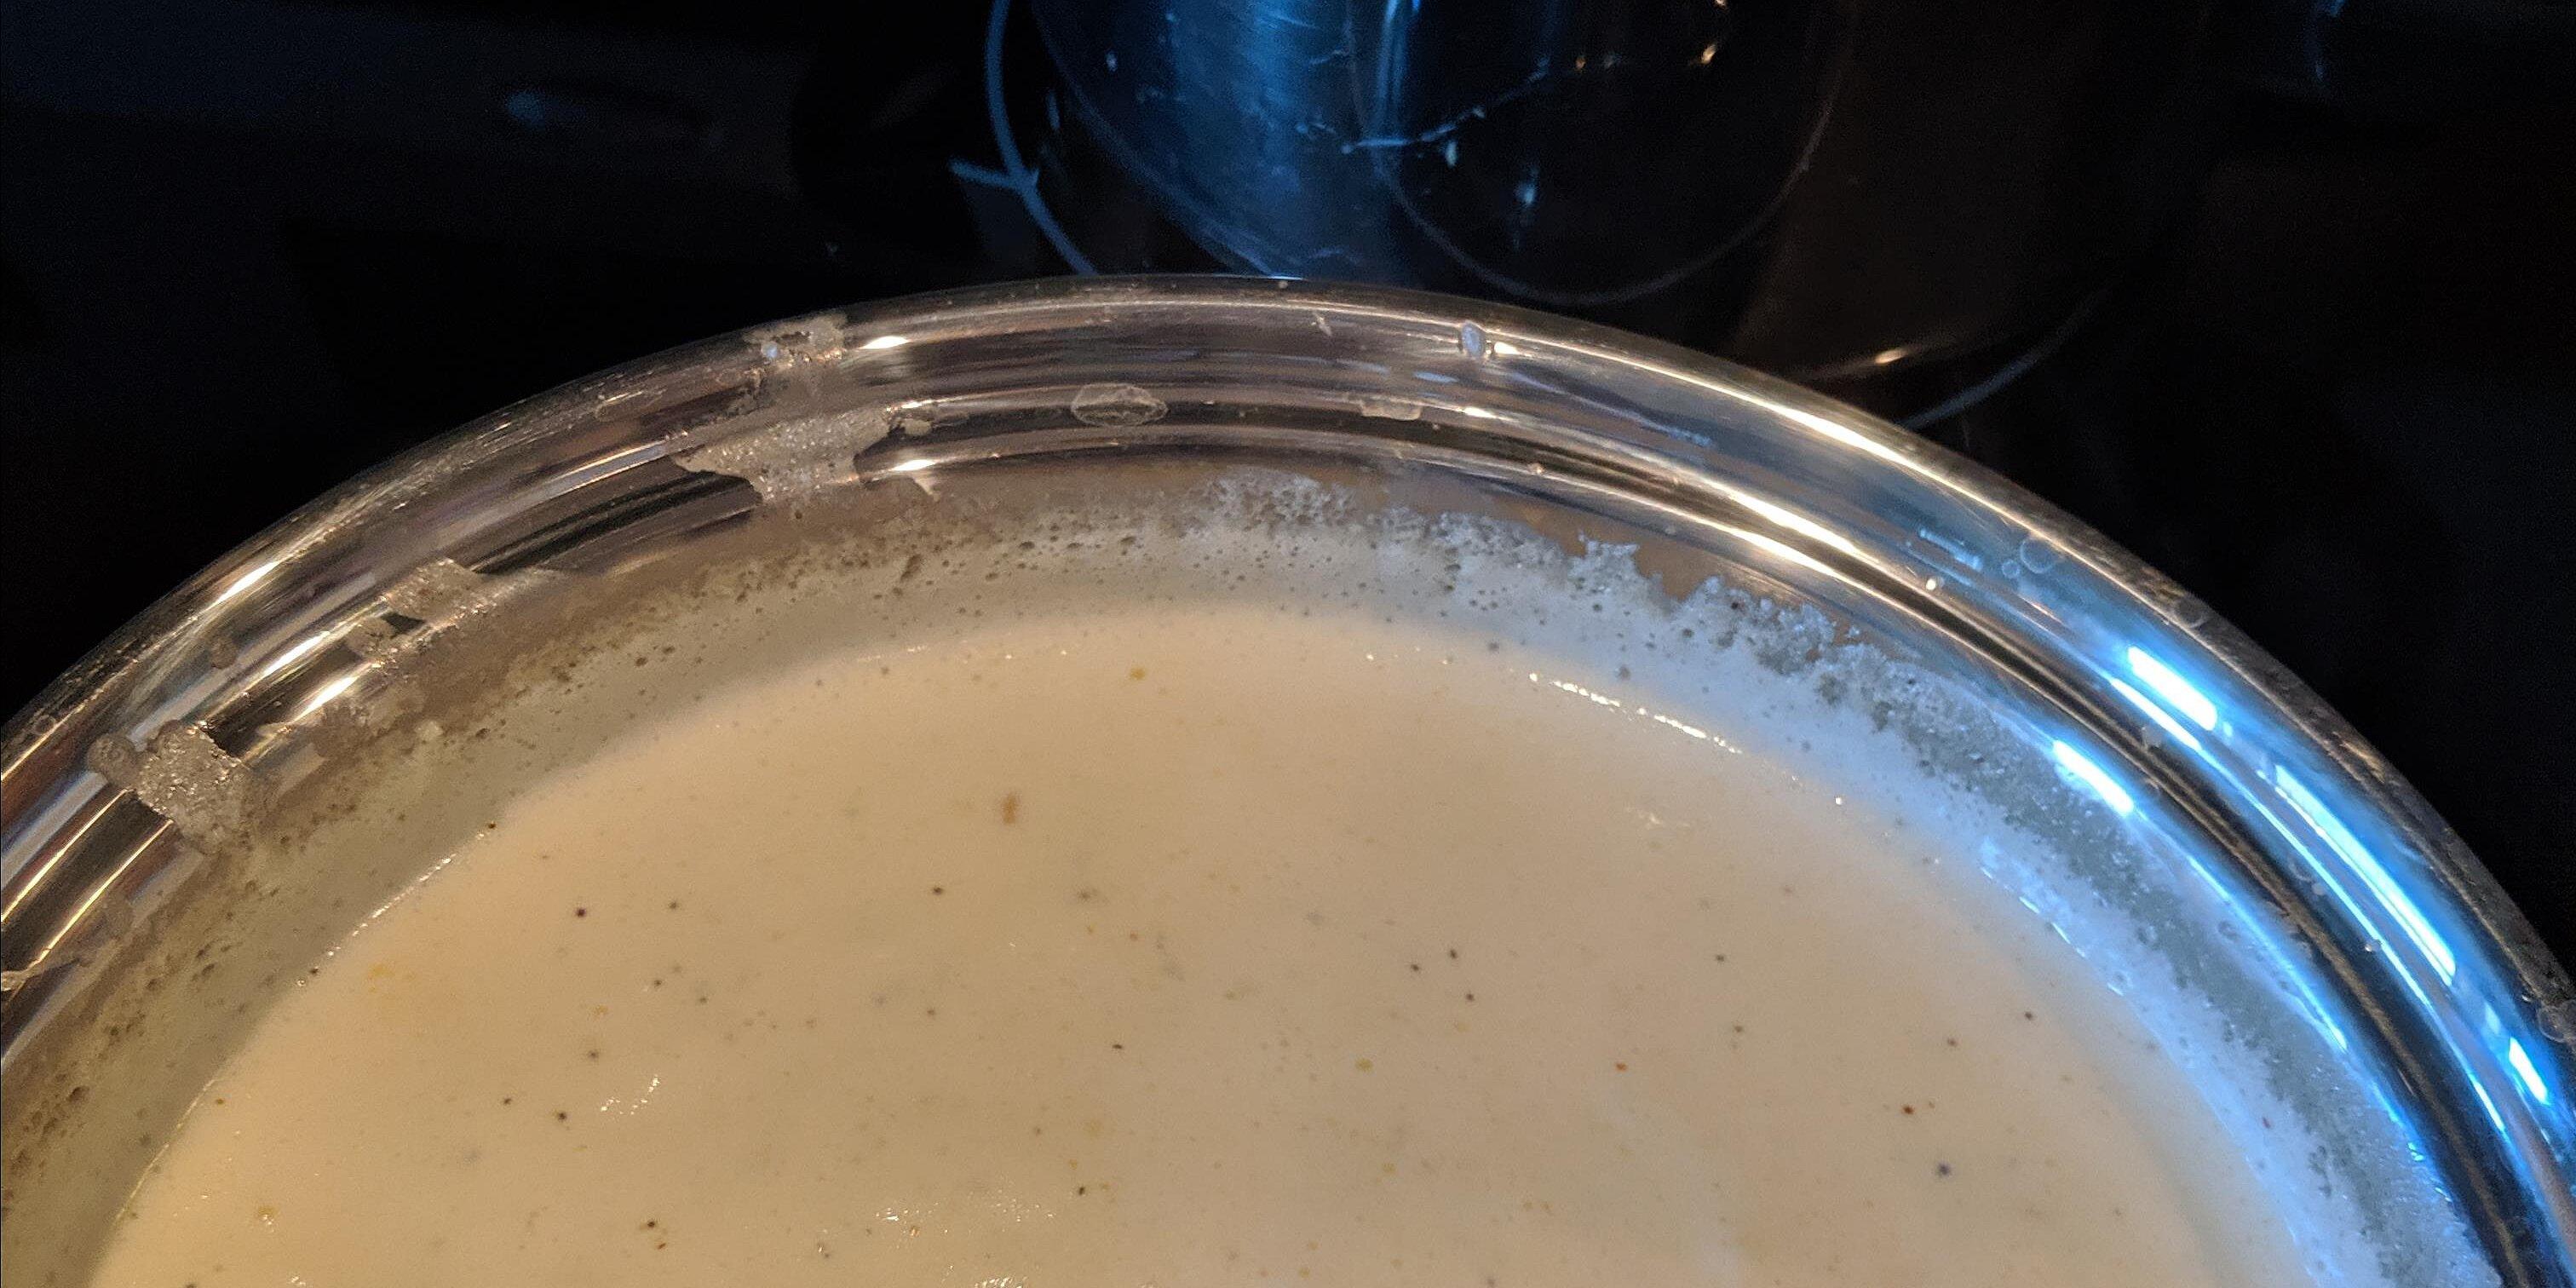 keto mozzarella alfredo sauce recipe